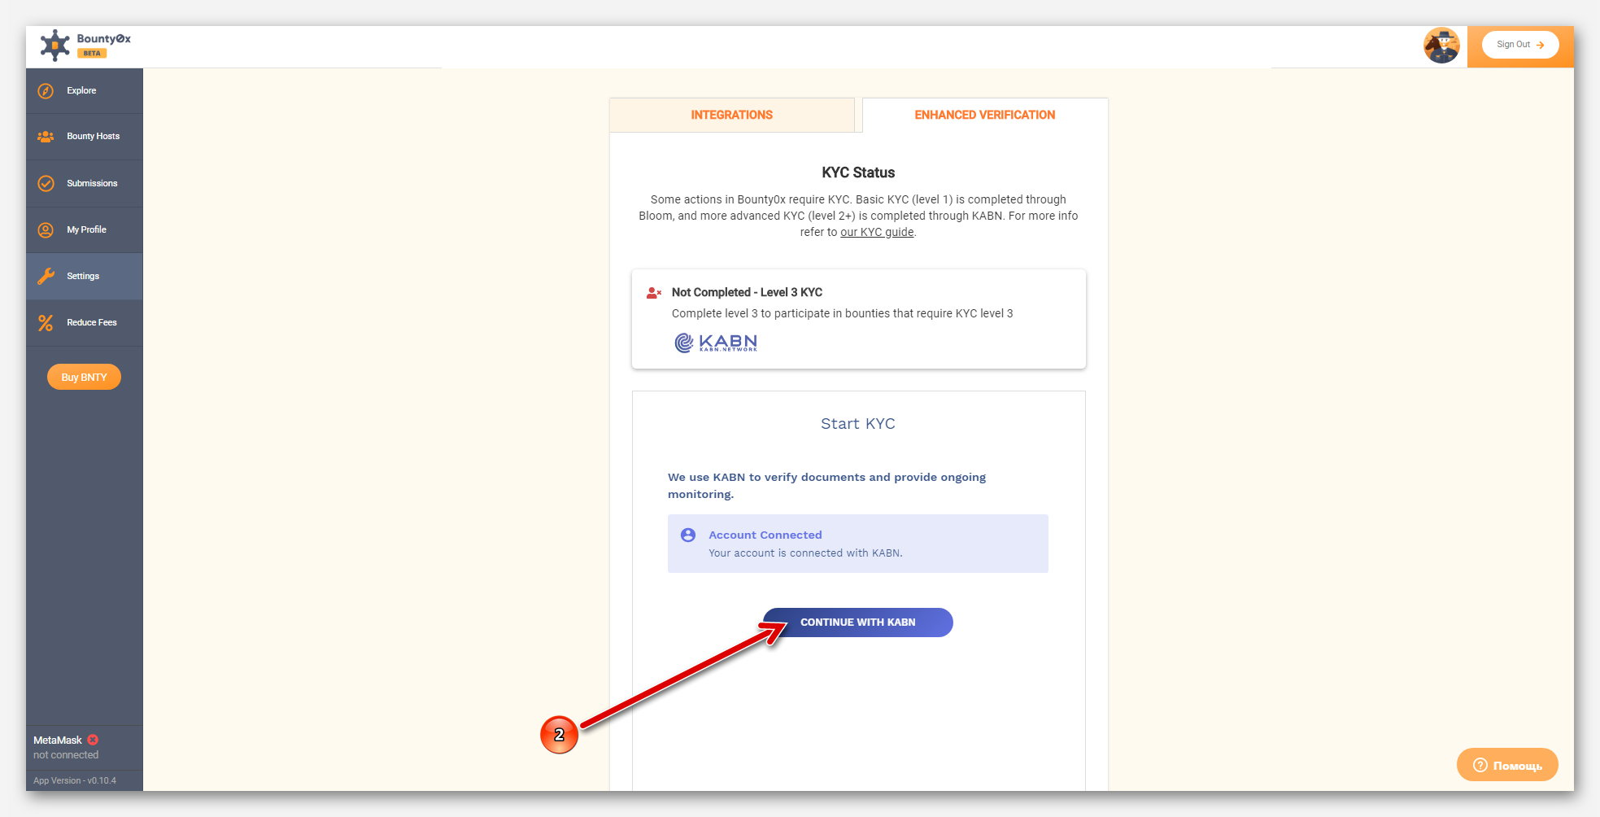 Синяя кнопка для продолжении верификации 3 уровня через KABN Network на платформе Bounty0x